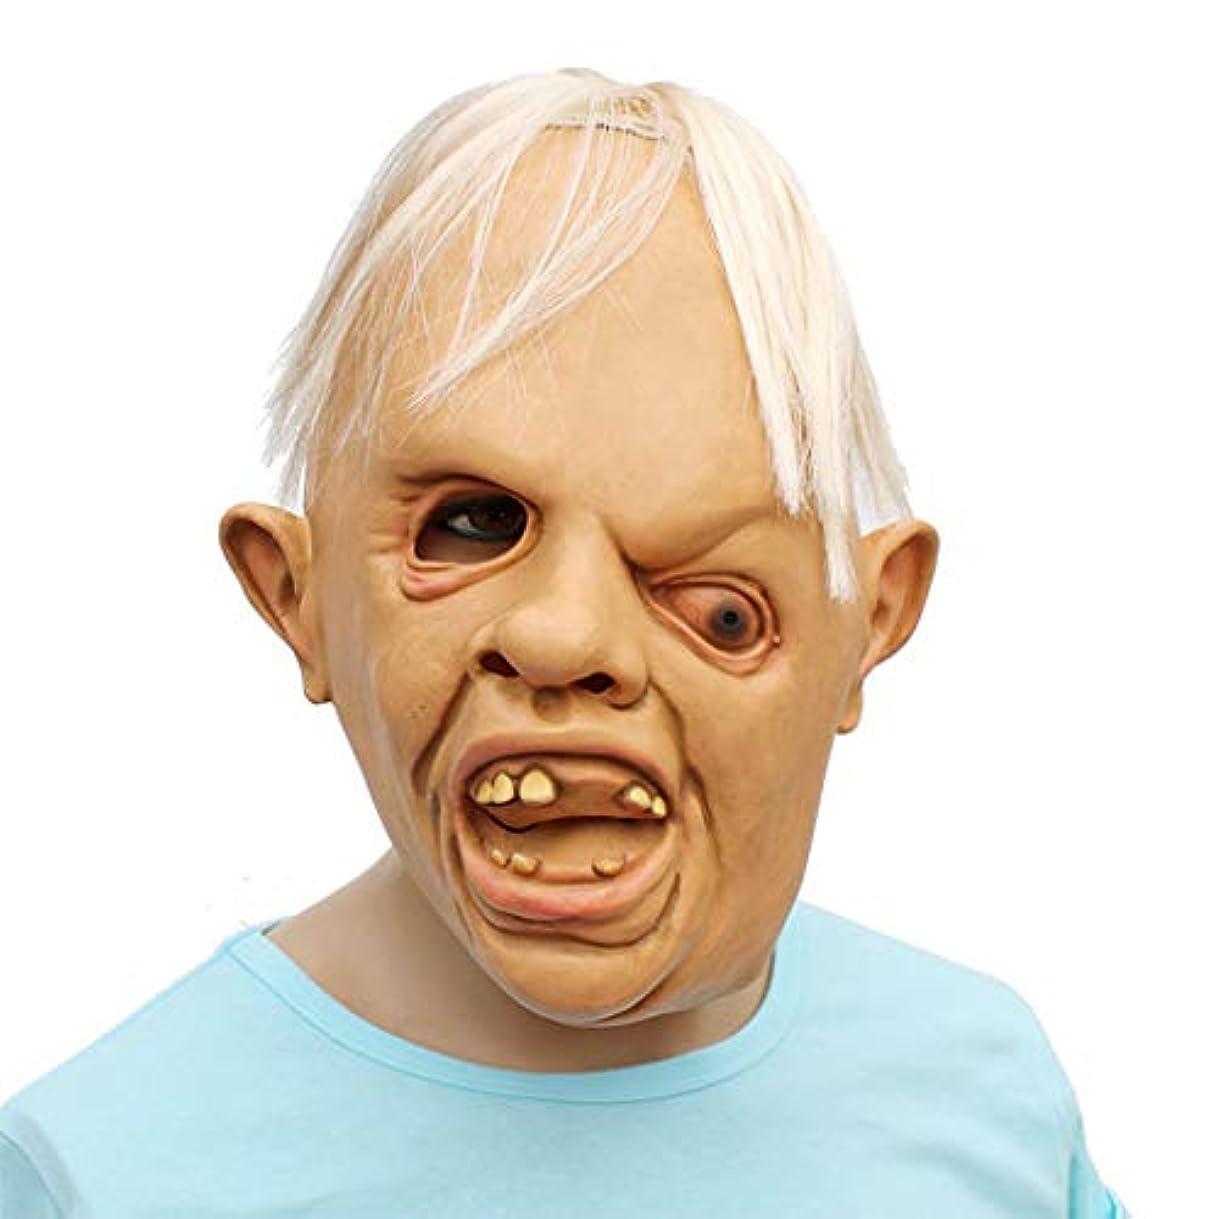 バレーボール幼児ジョイントハロウィーンマスク、ラテックスマスク、不気味な怖いLaいレイジーマスクハロウィーンパーティーの衣装の装飾